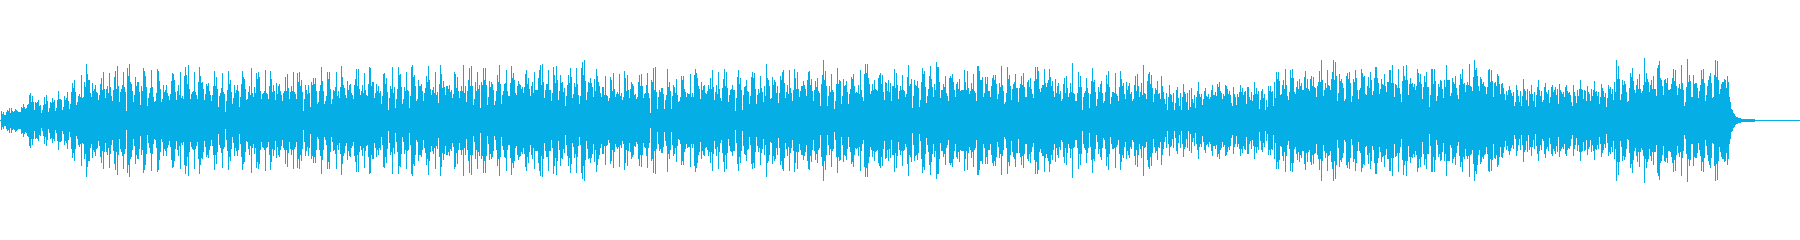 エレクトロフィールを備えたインスト...の再生済みの波形